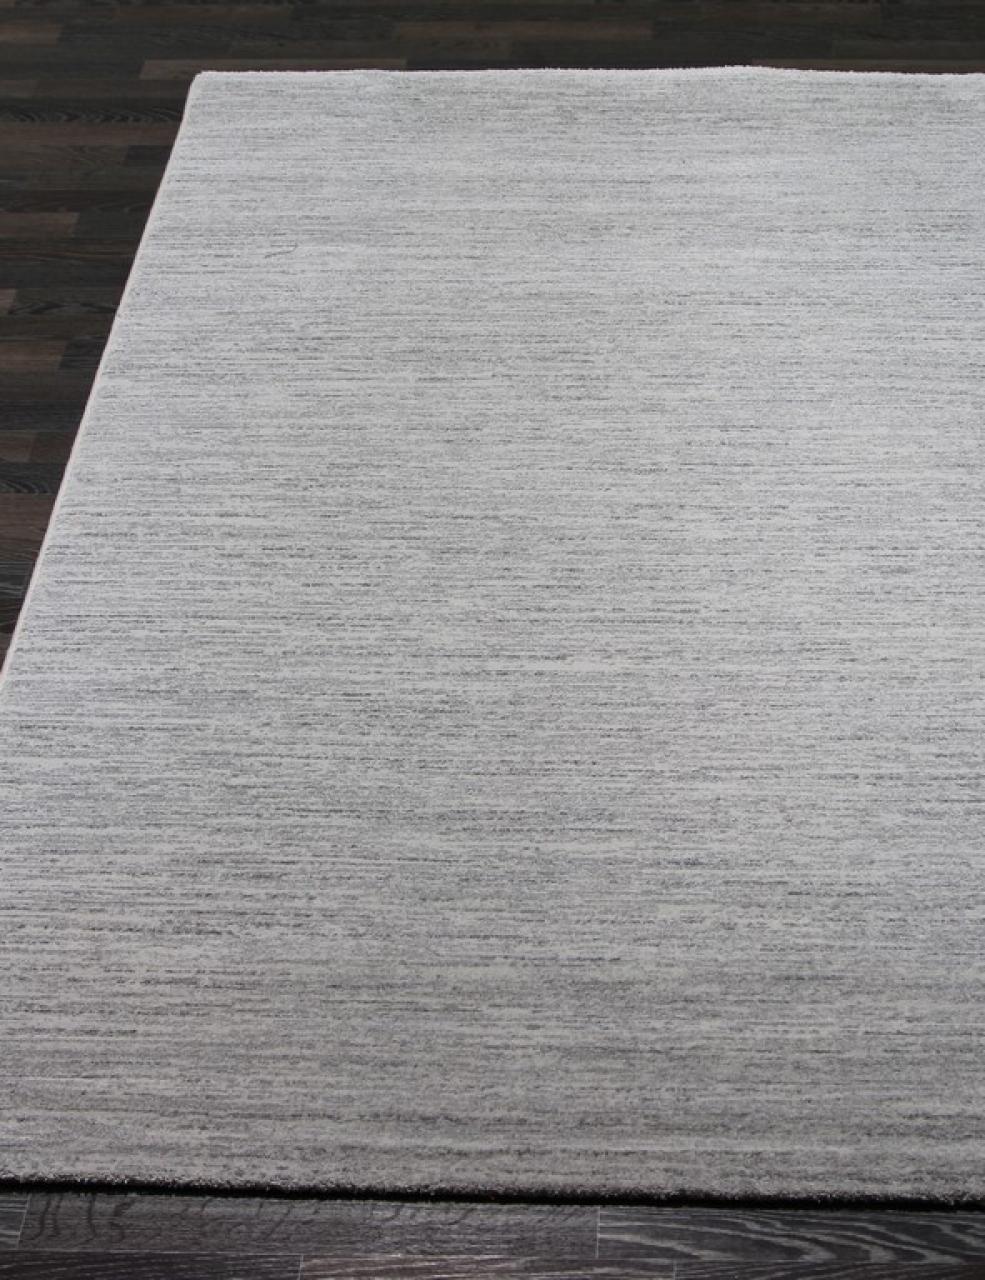 Ковер 26004 - 6252 - Прямоугольник - коллекция NOMAD - фото 1